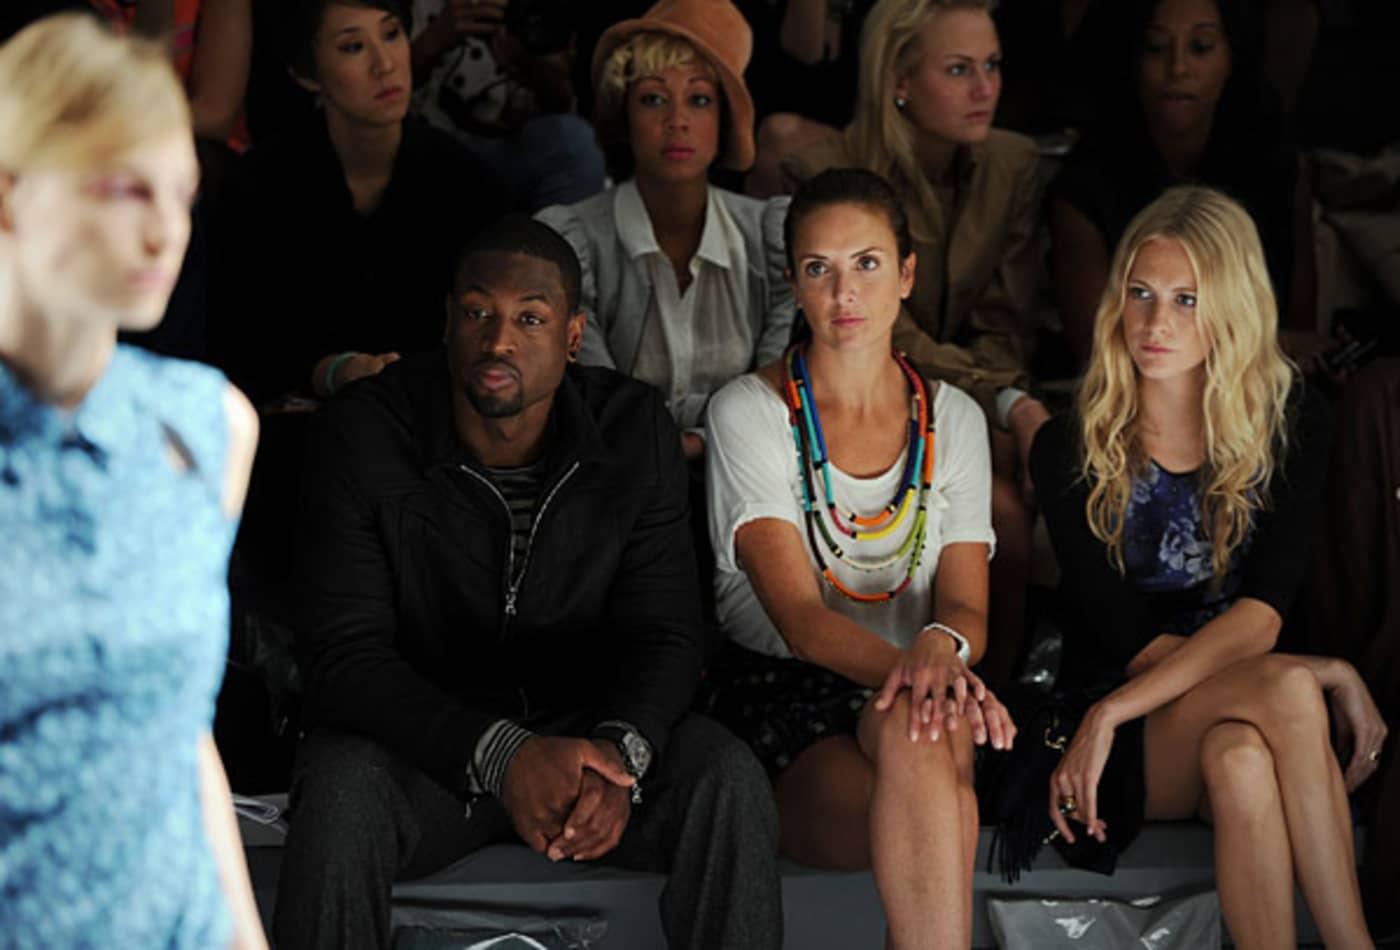 CNBC_NYC_fashion_week_2011_horiz4.jpg